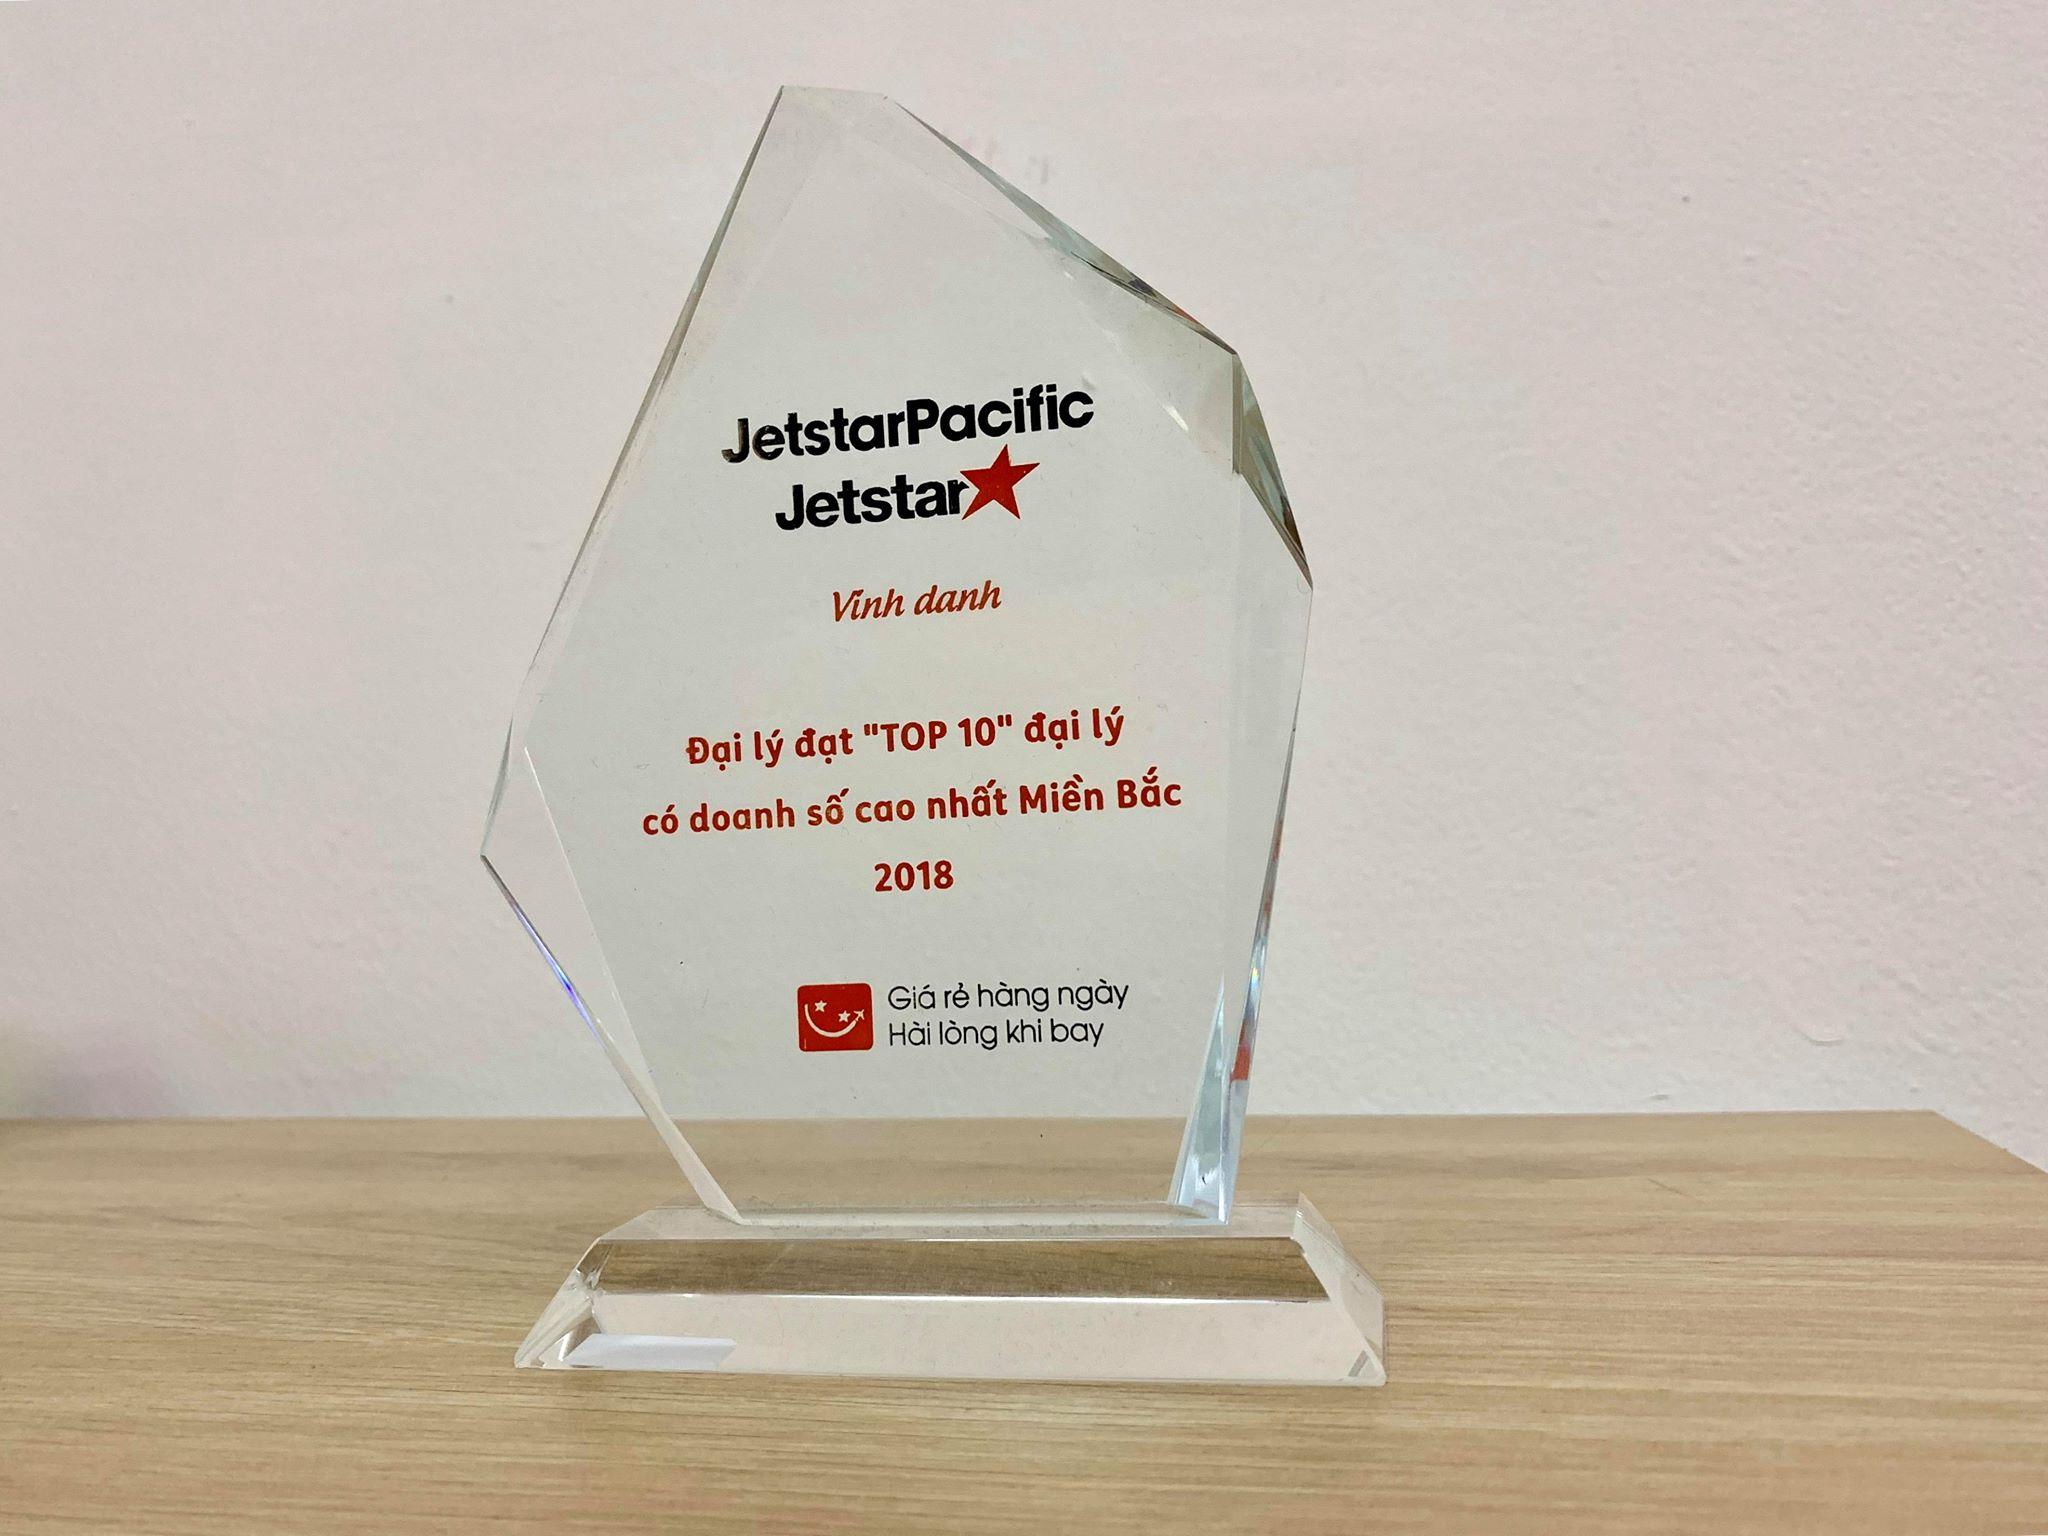 Jetstar trao tặng cúp Top 10 đại lý có doanh số cao nhất cho BestPrice